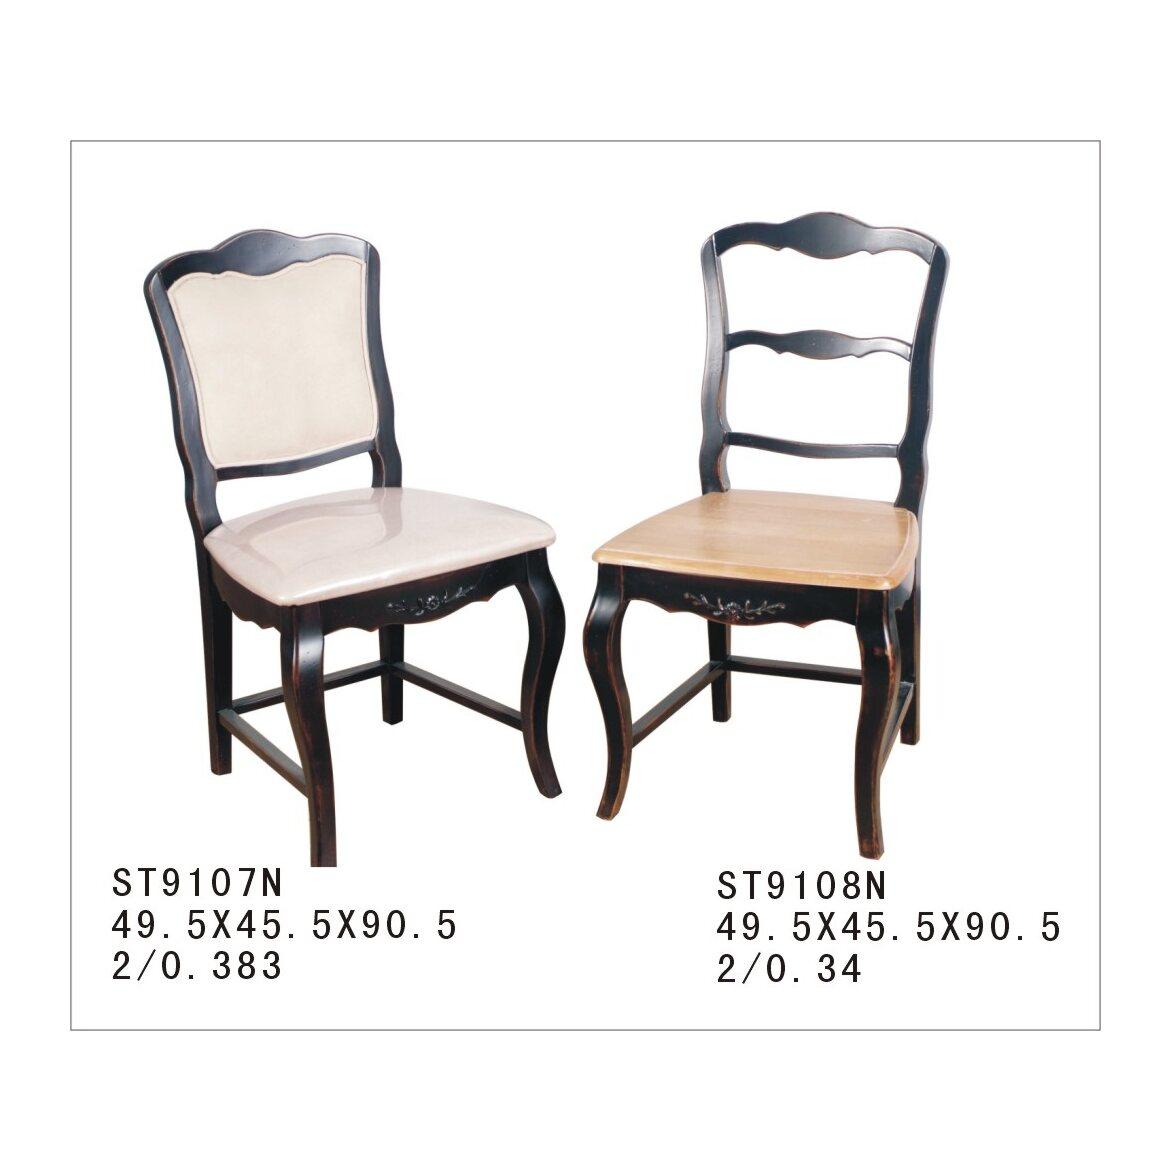 Стул с мягким сиденьем Leontina, черного цвета 5 | Обеденные стулья Kingsby